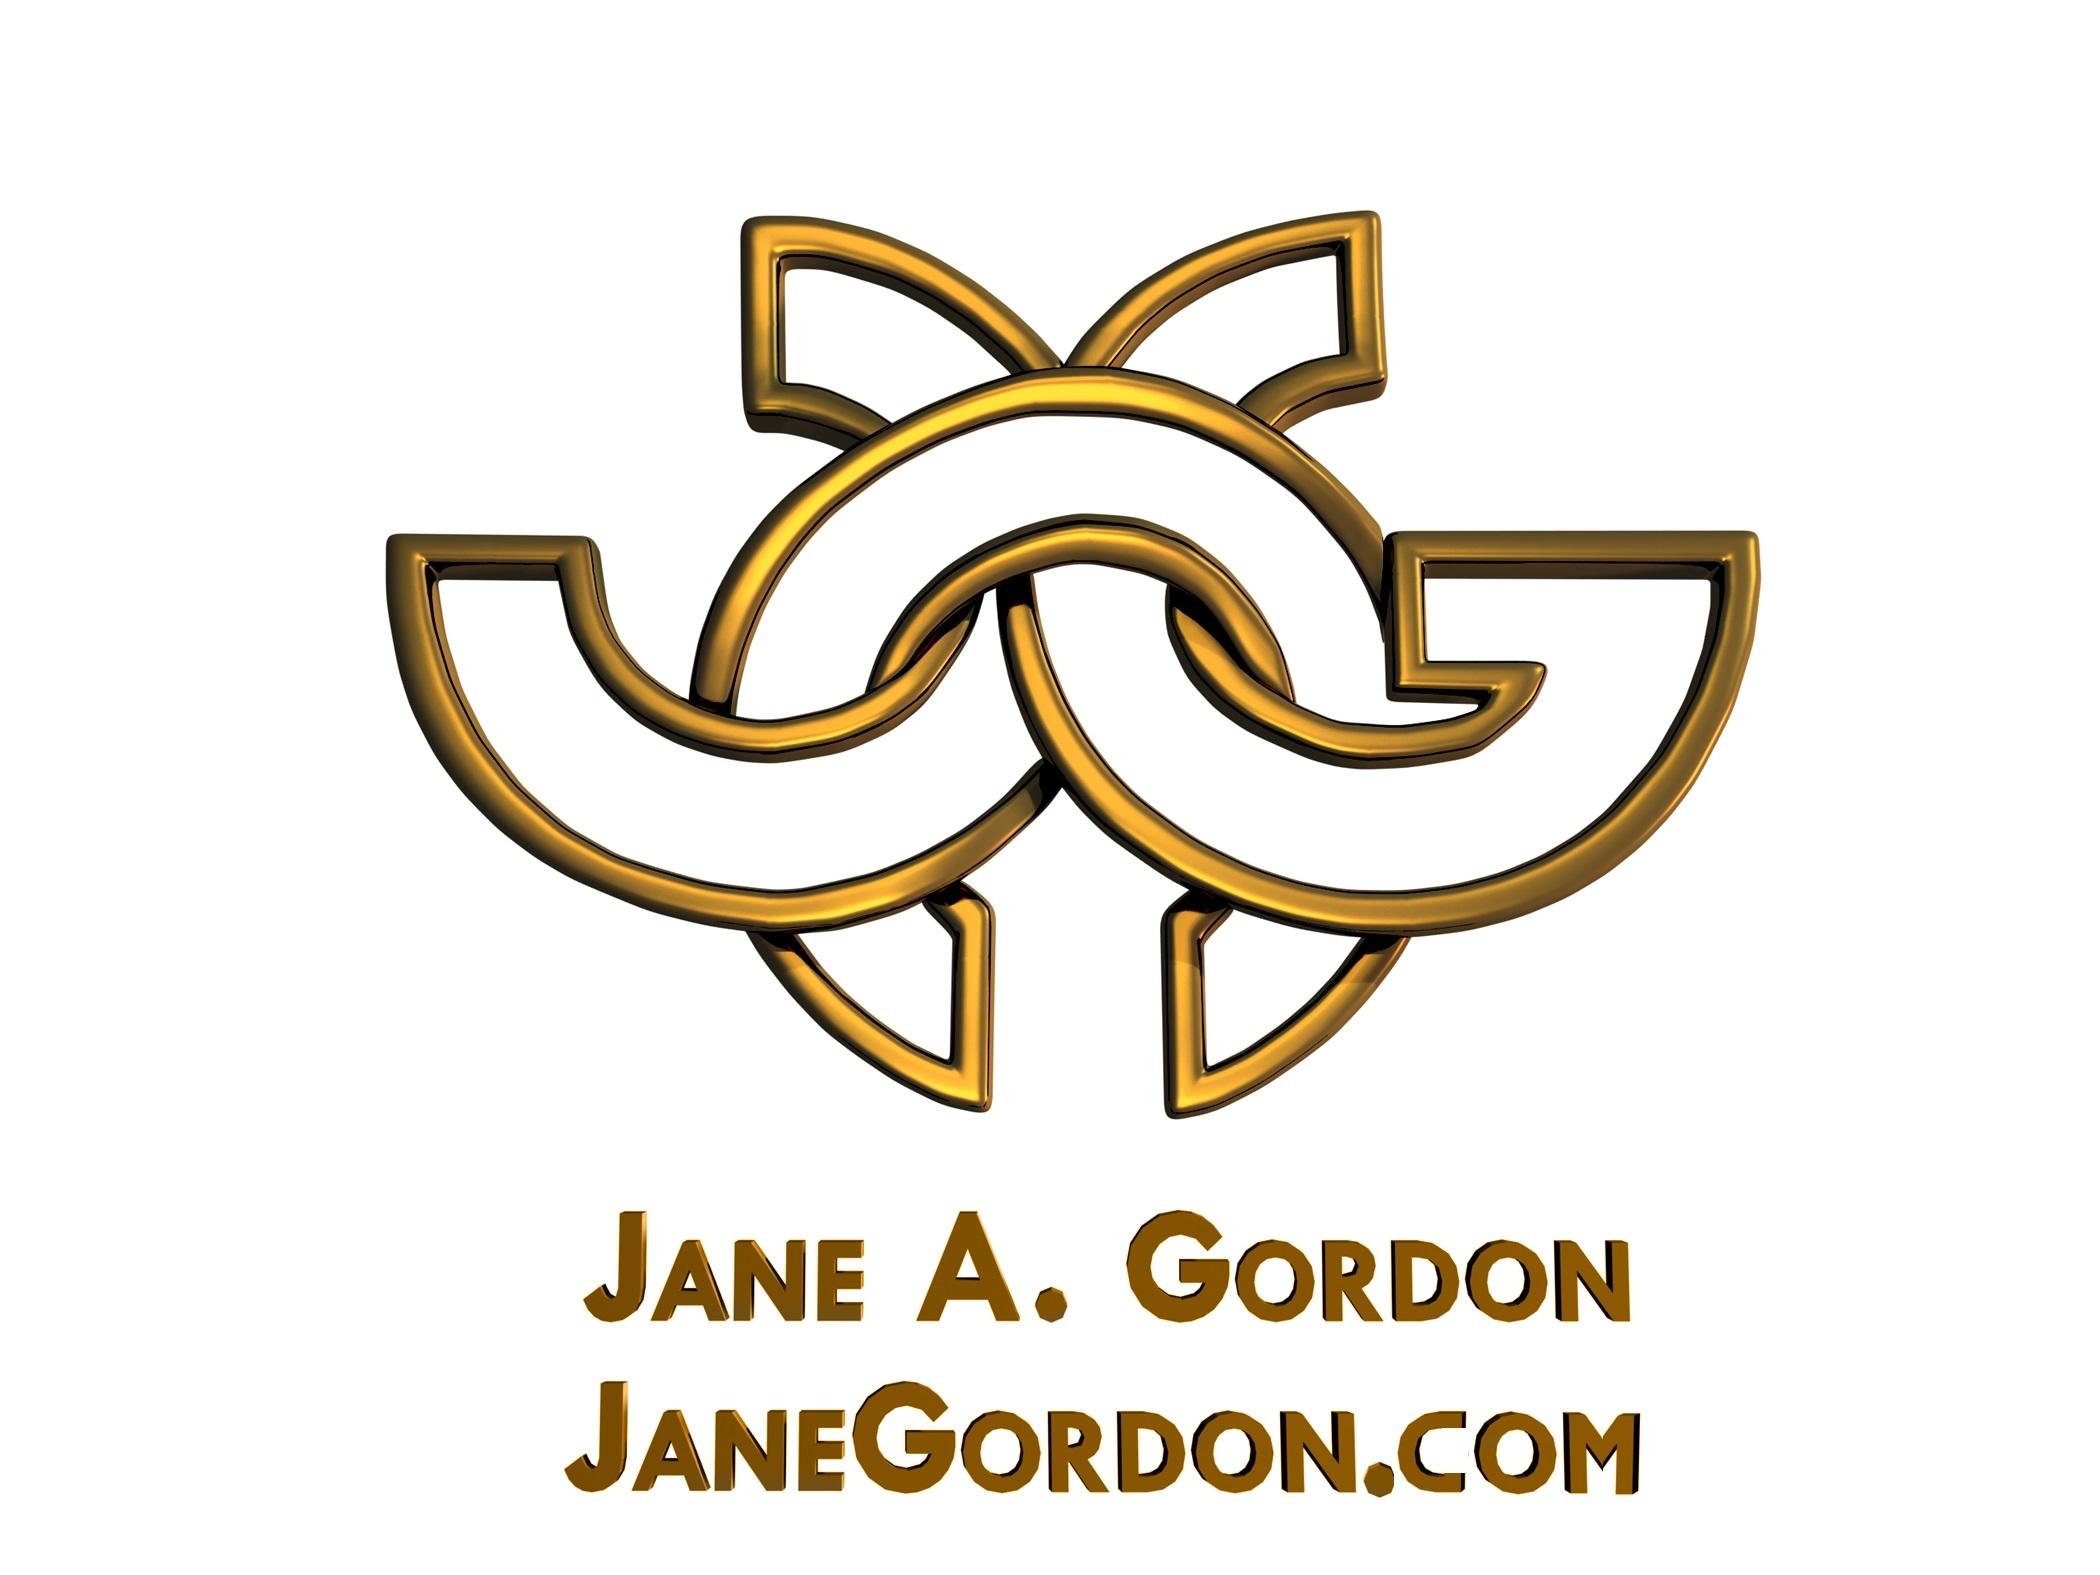 Jane Gordon's Signature